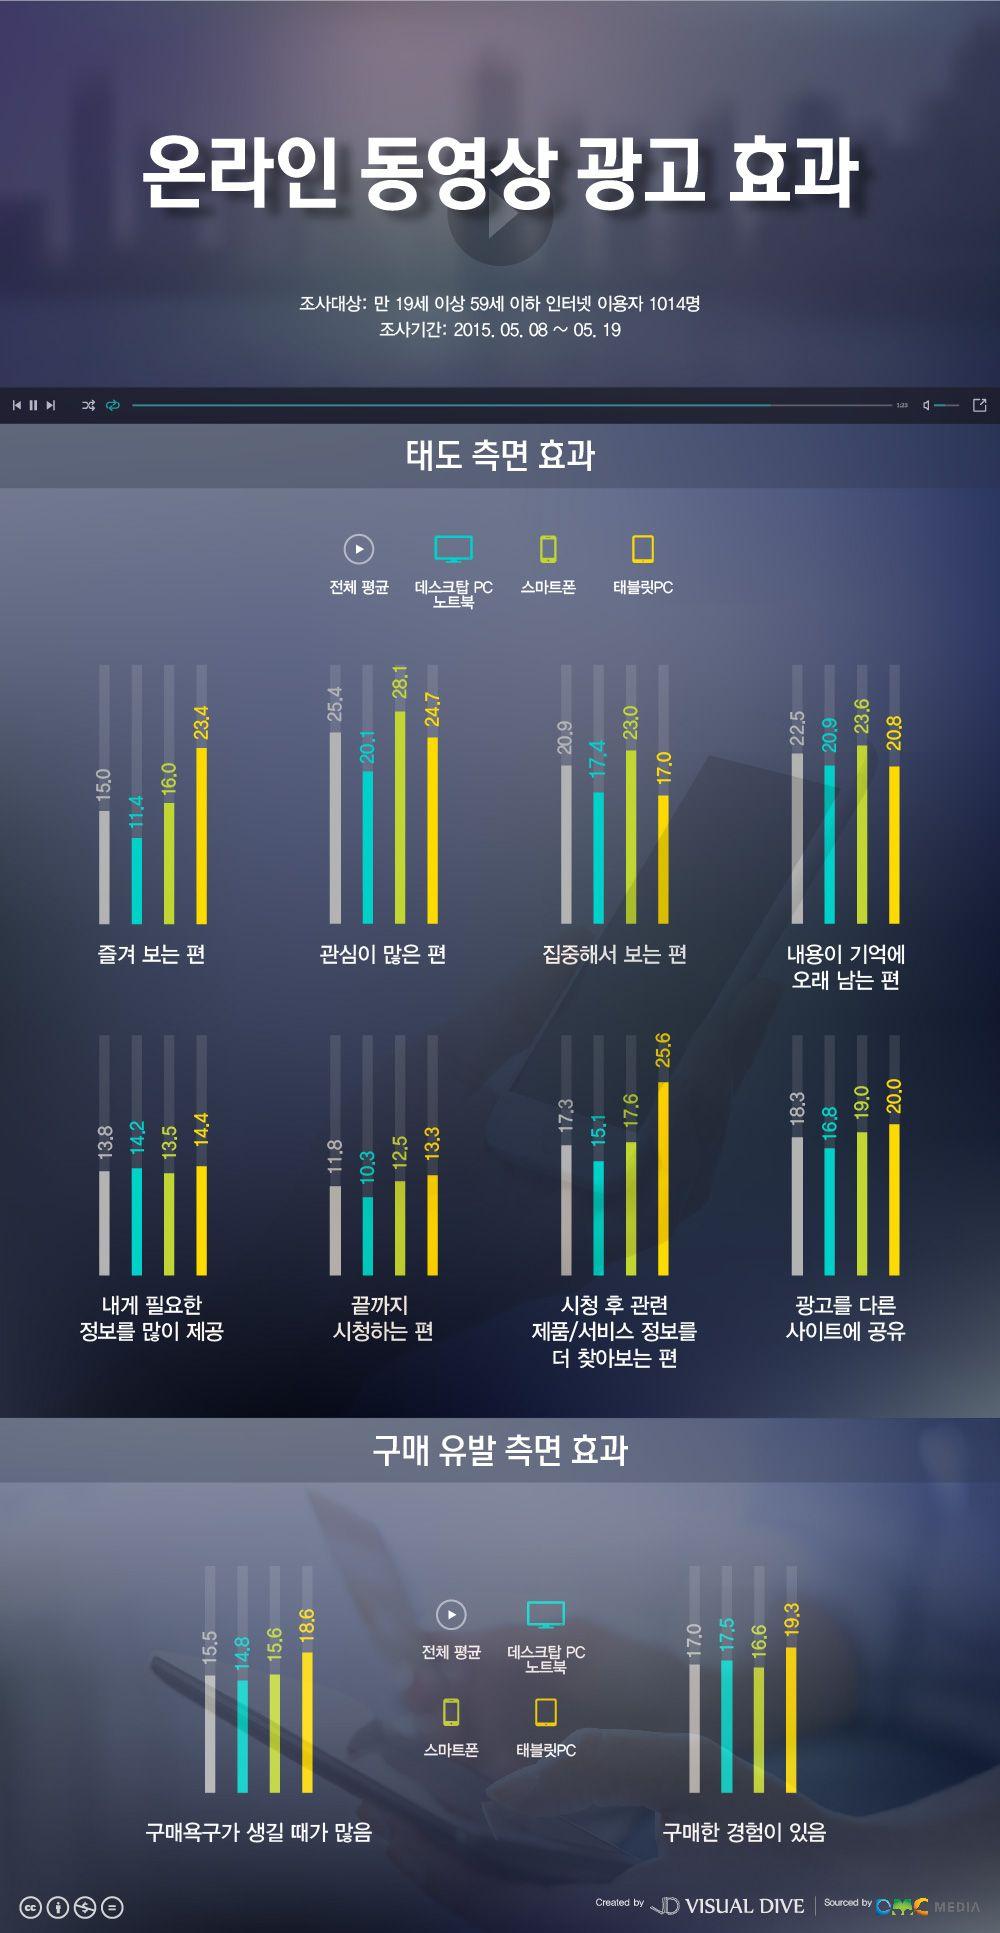 '태블릿PC' 온라인 동영상 광고 효율성 가장 높아 [인포그래픽] #tablet-pc / #Infographic ⓒ 비주얼다이브 무단 복사·전재·재배포 금지